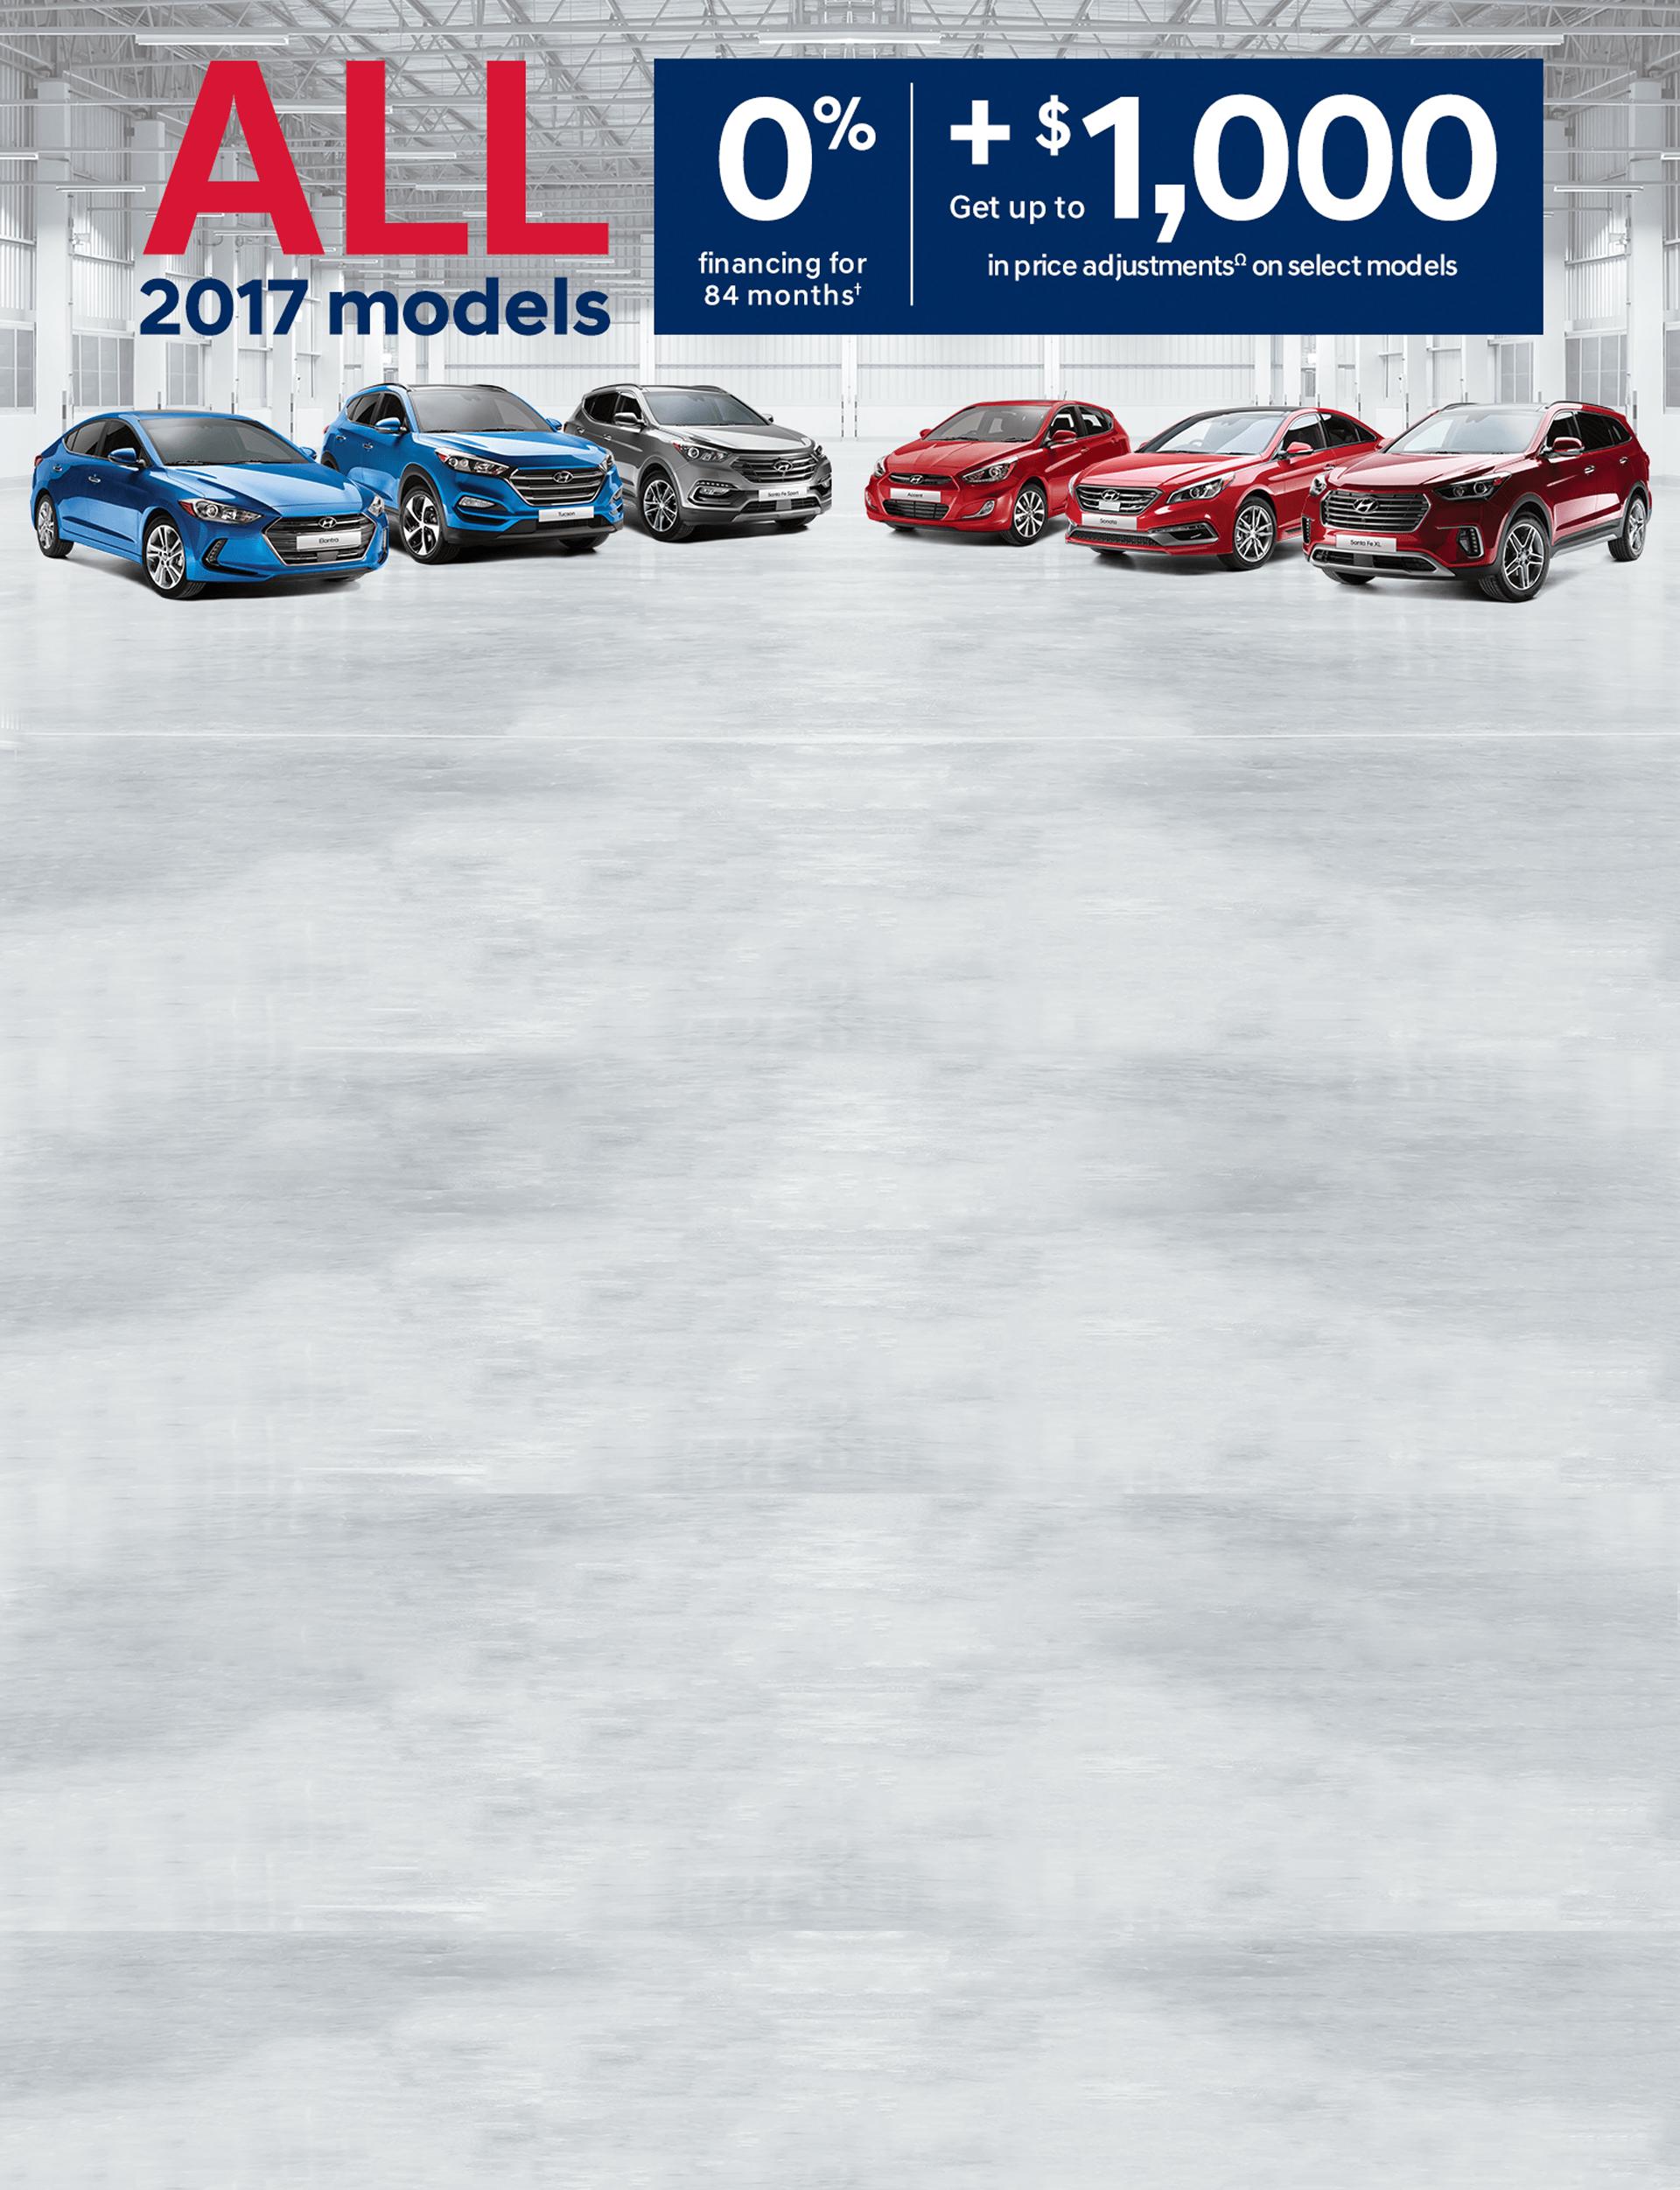 all 2017 modelss 0%